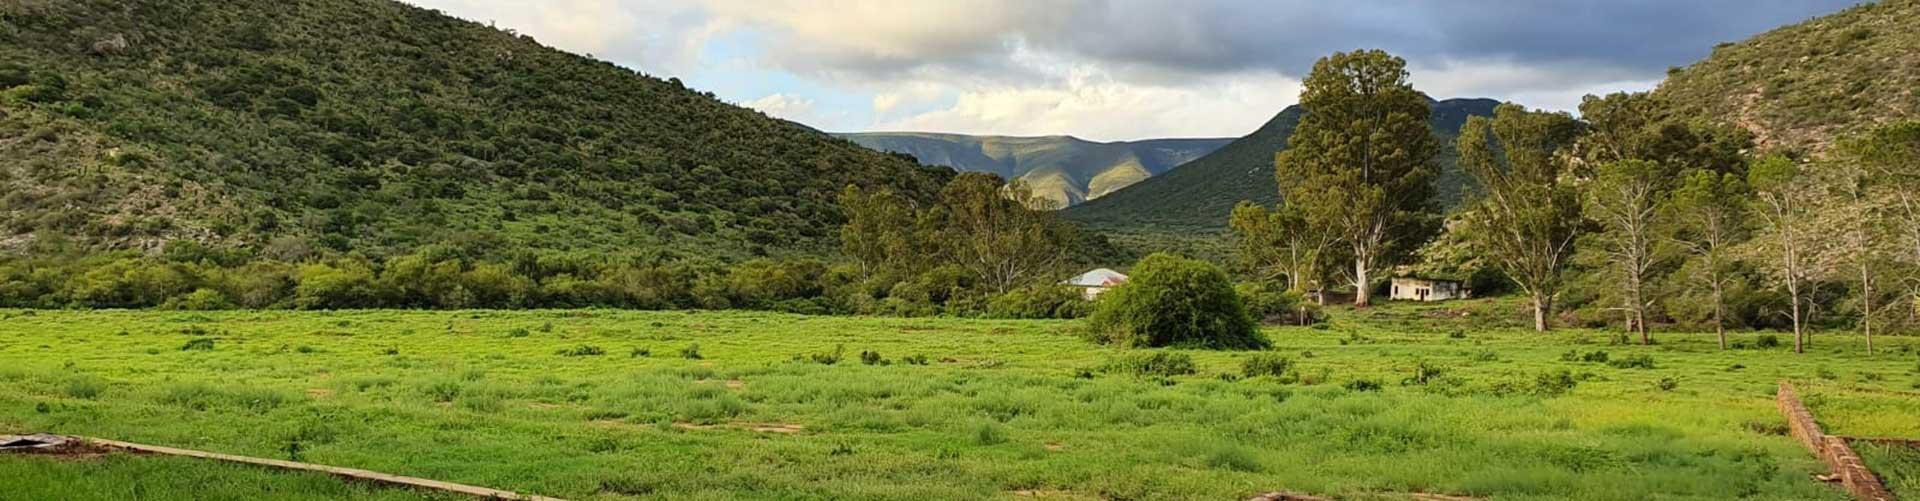 brakkefontein-game-farm-landscape